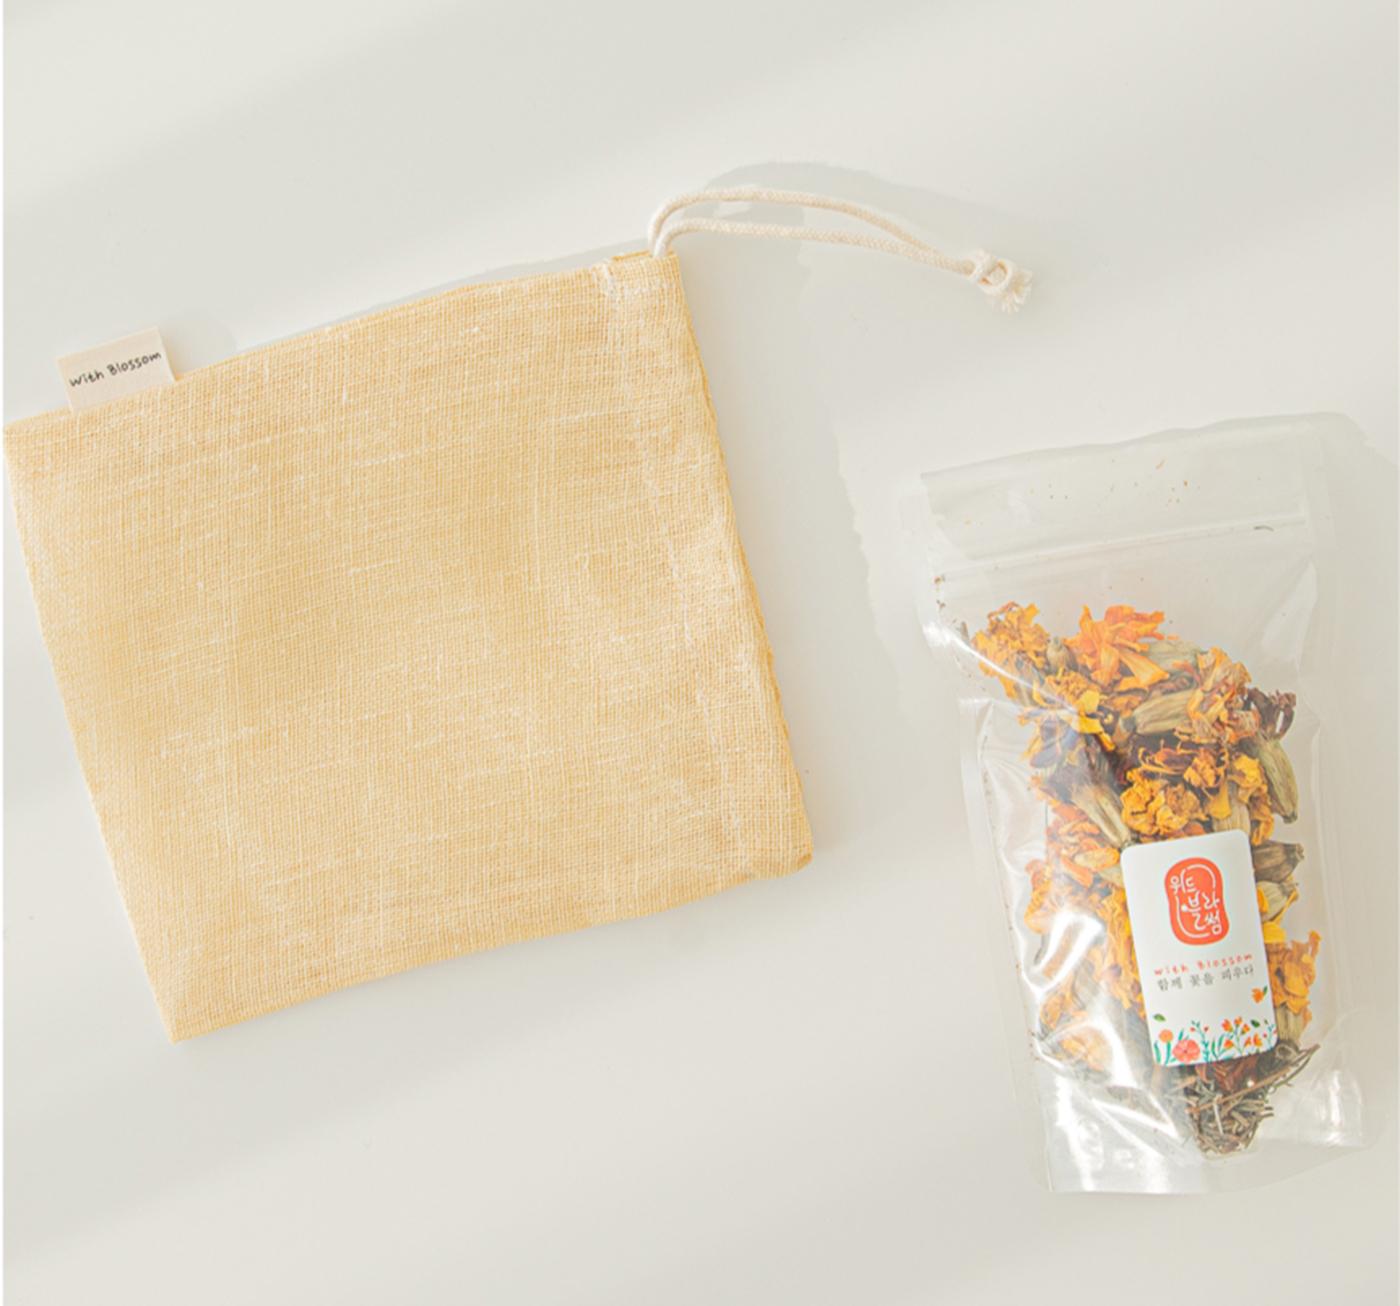 메리골드&라벤더 천연 입욕제/직접 재배한 메리골드 천연 입욕제(메리골드10g+라벤더2g) 상세이미지3